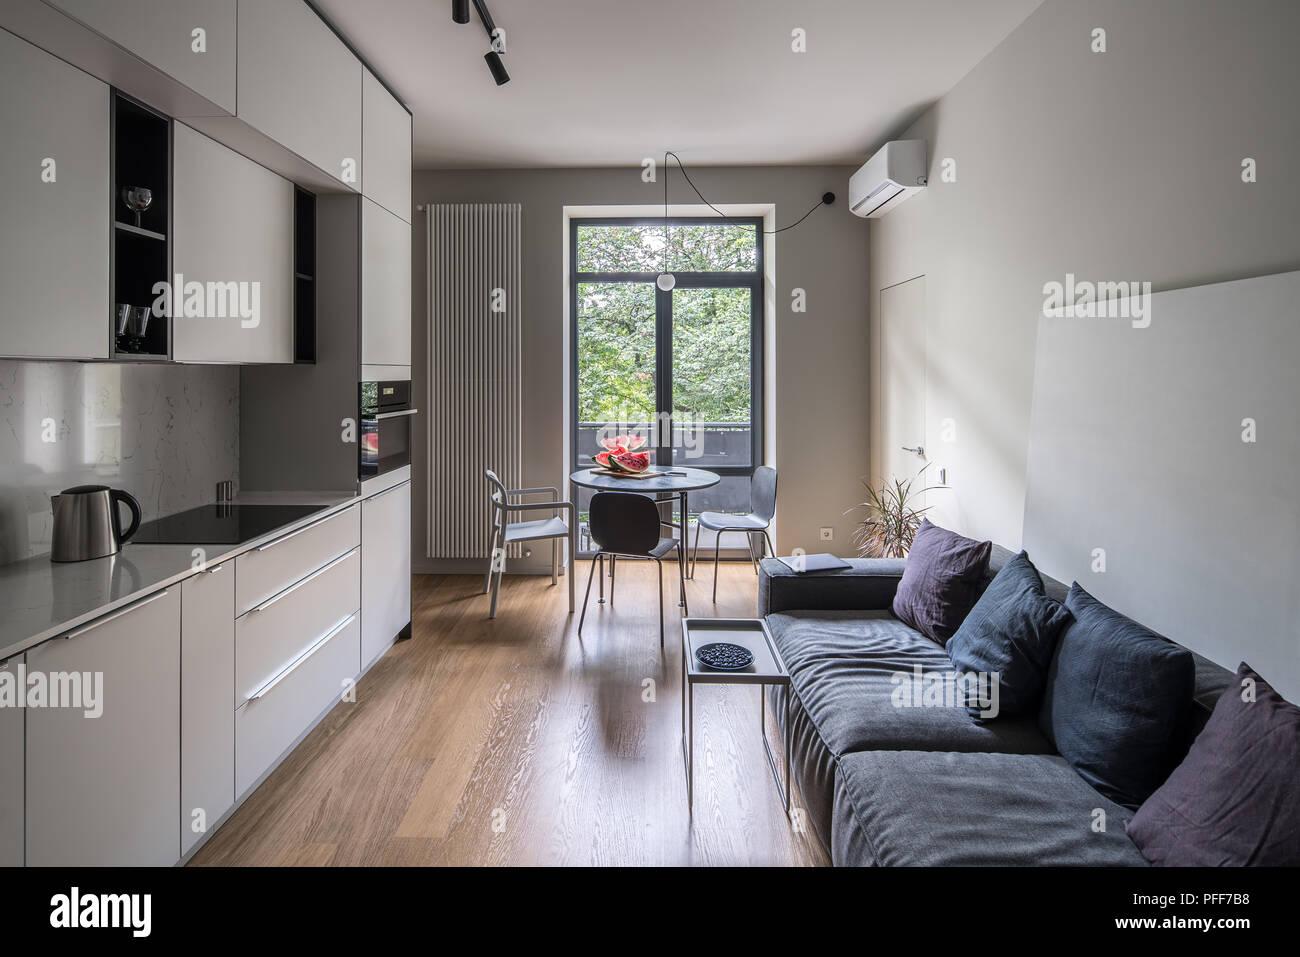 Fußboden Küche Parkett ~ Küche in einem modernen stil mit hellen wänden und einem parkett auf